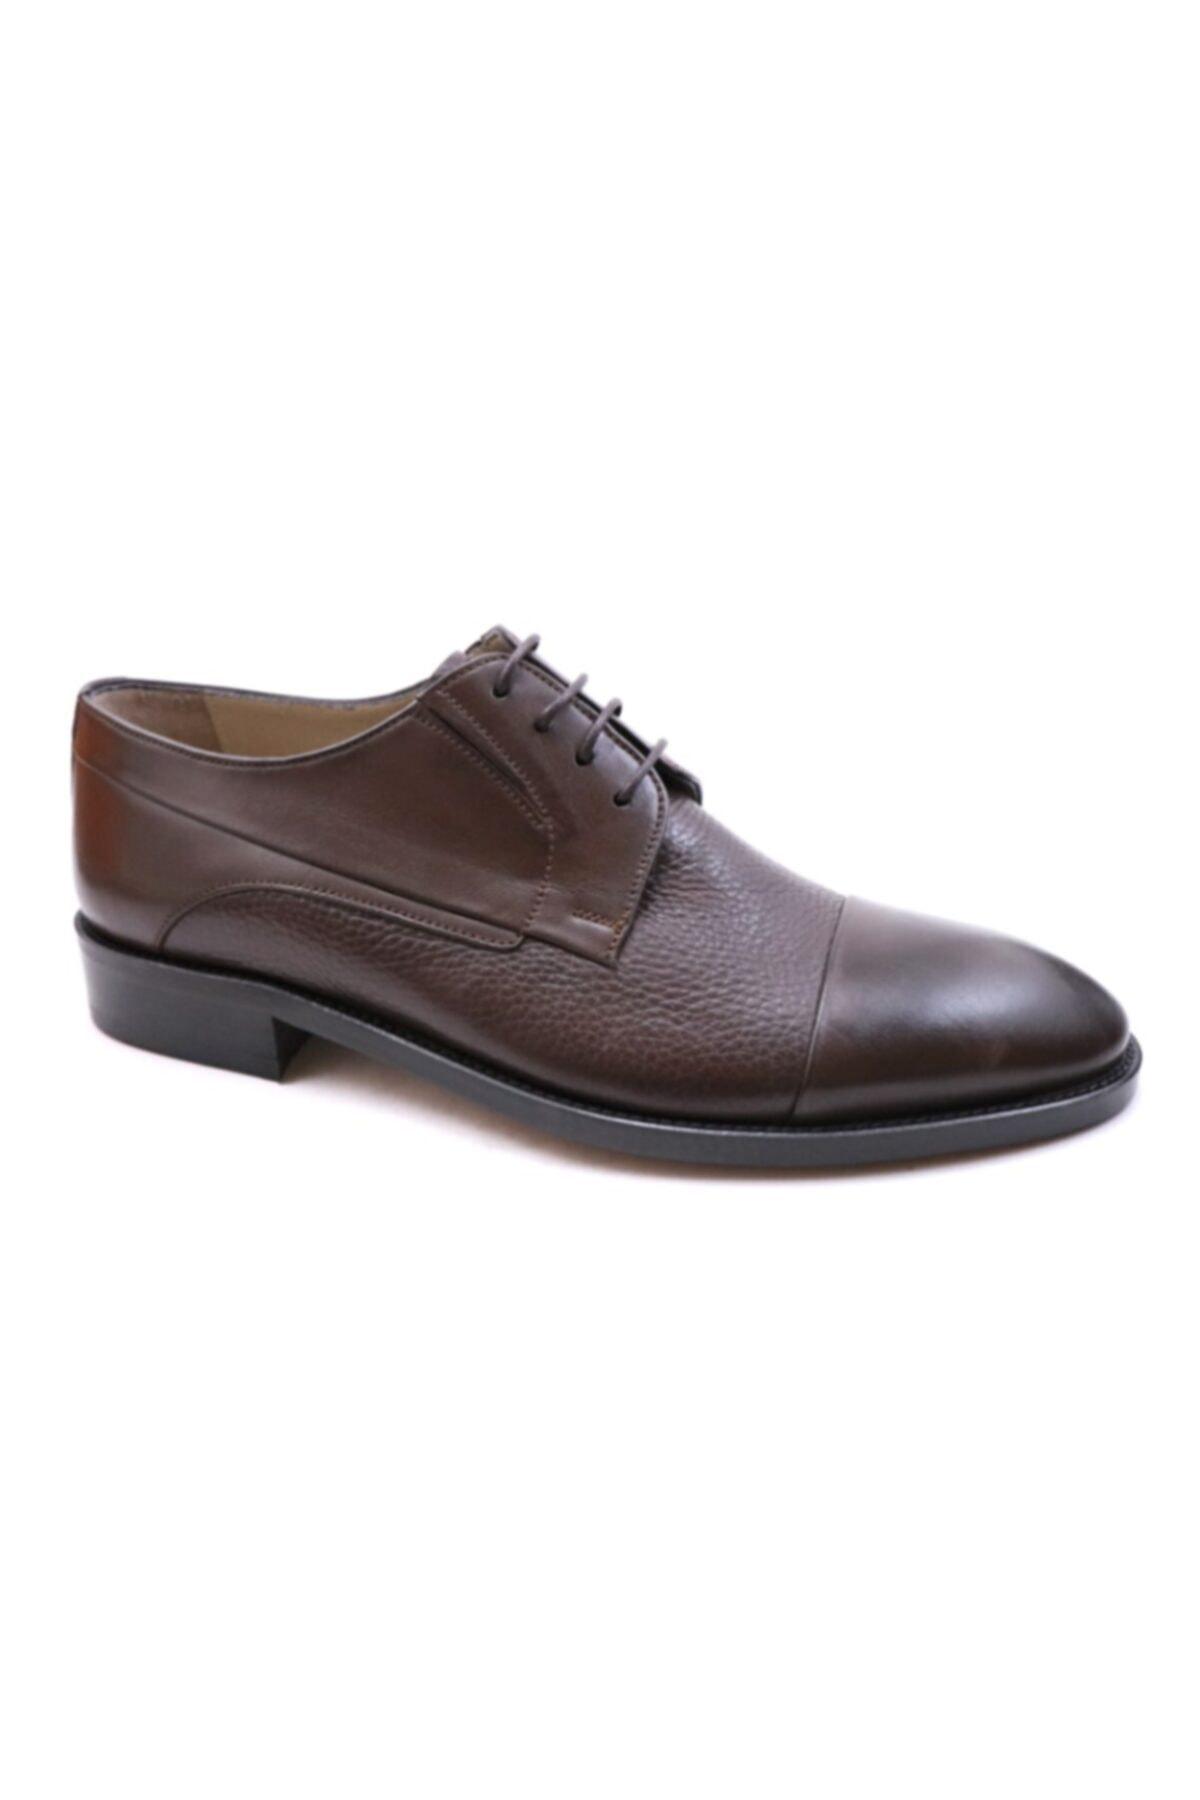 Nevzat Onay 6640-438 Erkek Kösele Ayakkabı 1